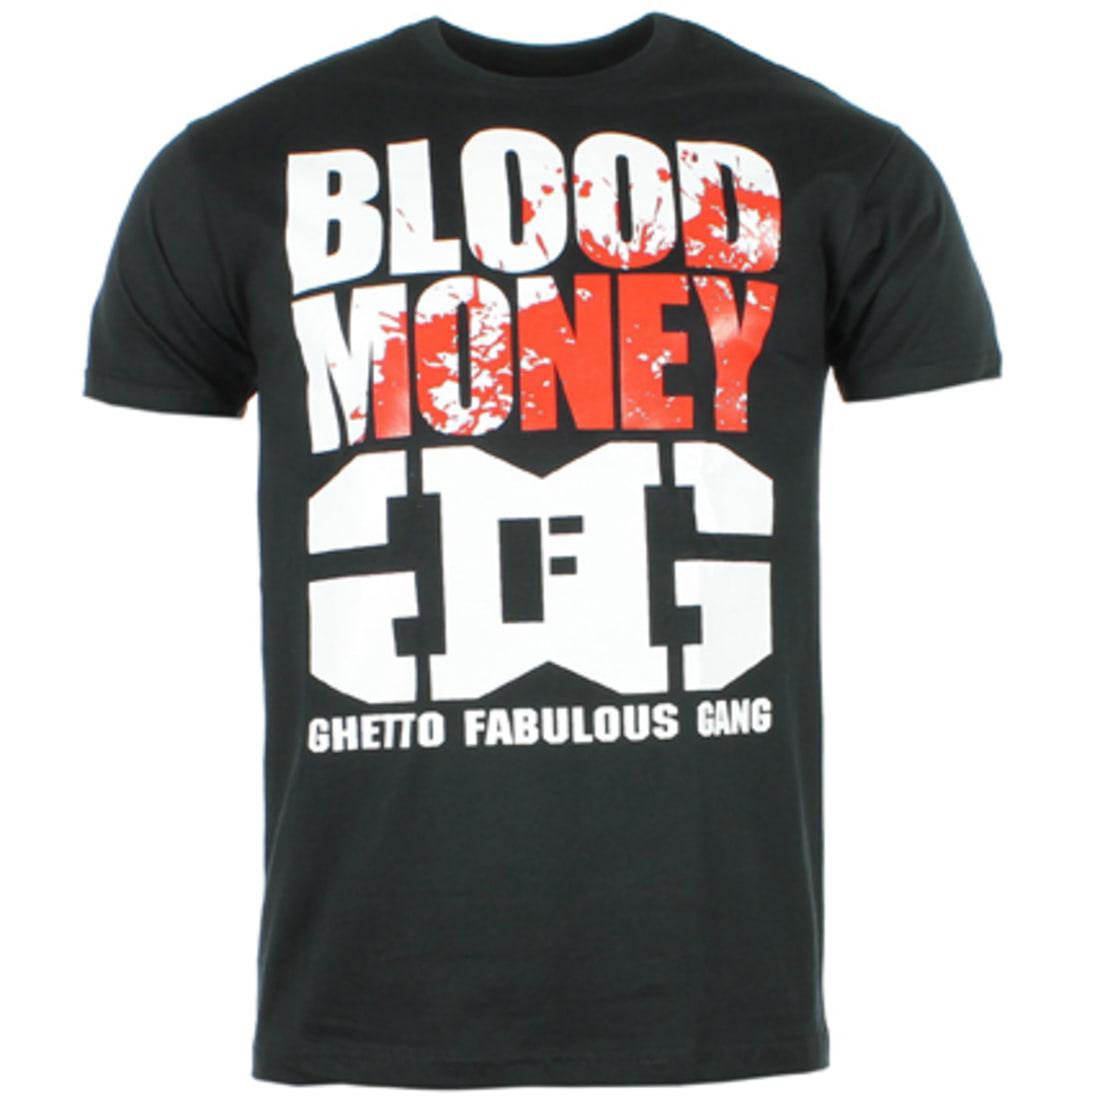 Ghetto Fabulous Gang Tee Shirt Ghetto Fabulous Gang Blood